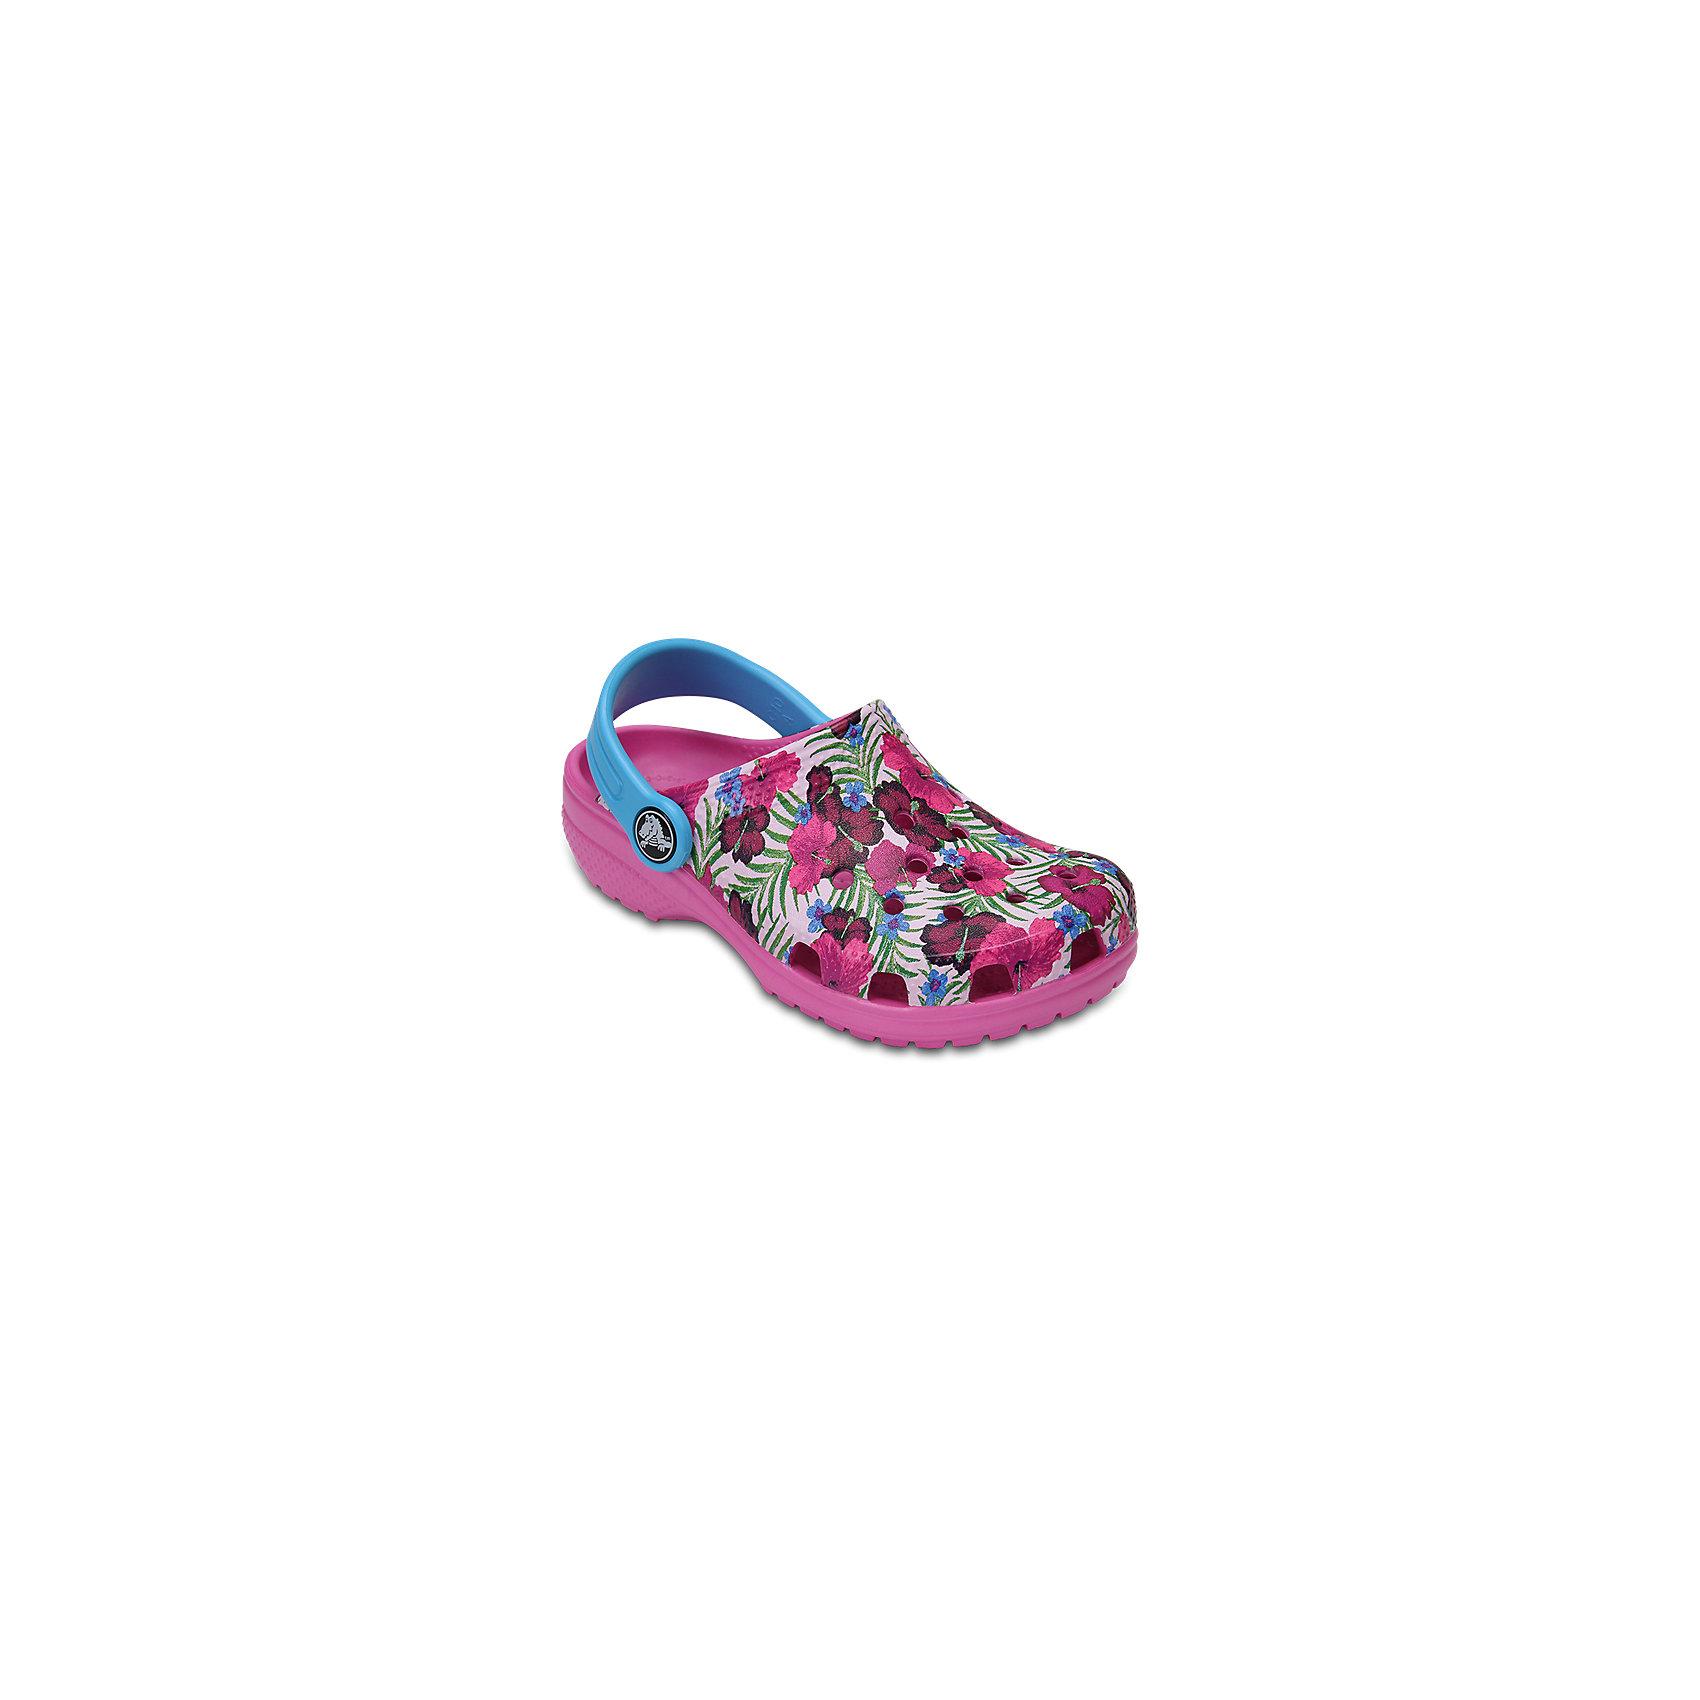 Сабо Kids Flowers, CROCSПляжная обувь<br>Характеристики товара:<br><br>• цвет: розовый<br>• принт: Цветы<br>• сезон: лето<br>• тип: пляжная обувь<br>• материал: 100% полимер Croslite™<br>• под воздействием температуры тела принимают форму стопы<br>• полностью литая модель<br>• вентиляционные отверстия<br>• бактериостатичный материал<br>• пяточный ремешок фиксирует стопу<br>• отверстия для использования украшений<br>• анатомическая стелька с массажными точками<br>• страна бренда: США<br>• страна изготовитель: Китай<br><br>Для правильного развития ребенка крайне важно, чтобы обувь была удобной.<br><br>Такие сабо обеспечивают детям необходимый комфорт, а анатомическая стелька с массажными линиями для стимуляции кровообращения позволяет ножкам дольше не уставать. <br><br>Сабо легко надеваются и снимаются, отлично сидят на ноге. <br><br>Материал, из которого они сделаны, не дает размножаться бактериям, поэтому такая обувь препятствует образованию неприятного запаха и появлению болезней стоп.<br><br>Обувь от американского бренда Crocs в данный момент завоевала широкую популярность во всем мире, и это не удивительно - ведь она невероятно удобна. <br><br>Её носят врачи, спортсмены, звёзды шоу-бизнеса, люди, которым много времени приходится бывать на ногах - они понимают, как важна комфортная обувь. <br><br>Продукция Crocs - это качественные товары, созданные с применением новейших технологий. <br><br>Обувь отличается стильным дизайном и продуманной конструкцией. Изделие производится из качественных и проверенных материалов, которые безопасны для детей.<br><br>Сабо Kids Classic от торговой марки Crocs можно купить в нашем интернет-магазине.<br><br>Ширина мм: 225<br>Глубина мм: 139<br>Высота мм: 112<br>Вес г: 290<br>Цвет: розовый<br>Возраст от месяцев: 36<br>Возраст до месяцев: 48<br>Пол: Унисекс<br>Возраст: Детский<br>Размер: 27,34/35,28,29,30,21,22,23,24,25,26,31/32,33/34<br>SKU: 5416358